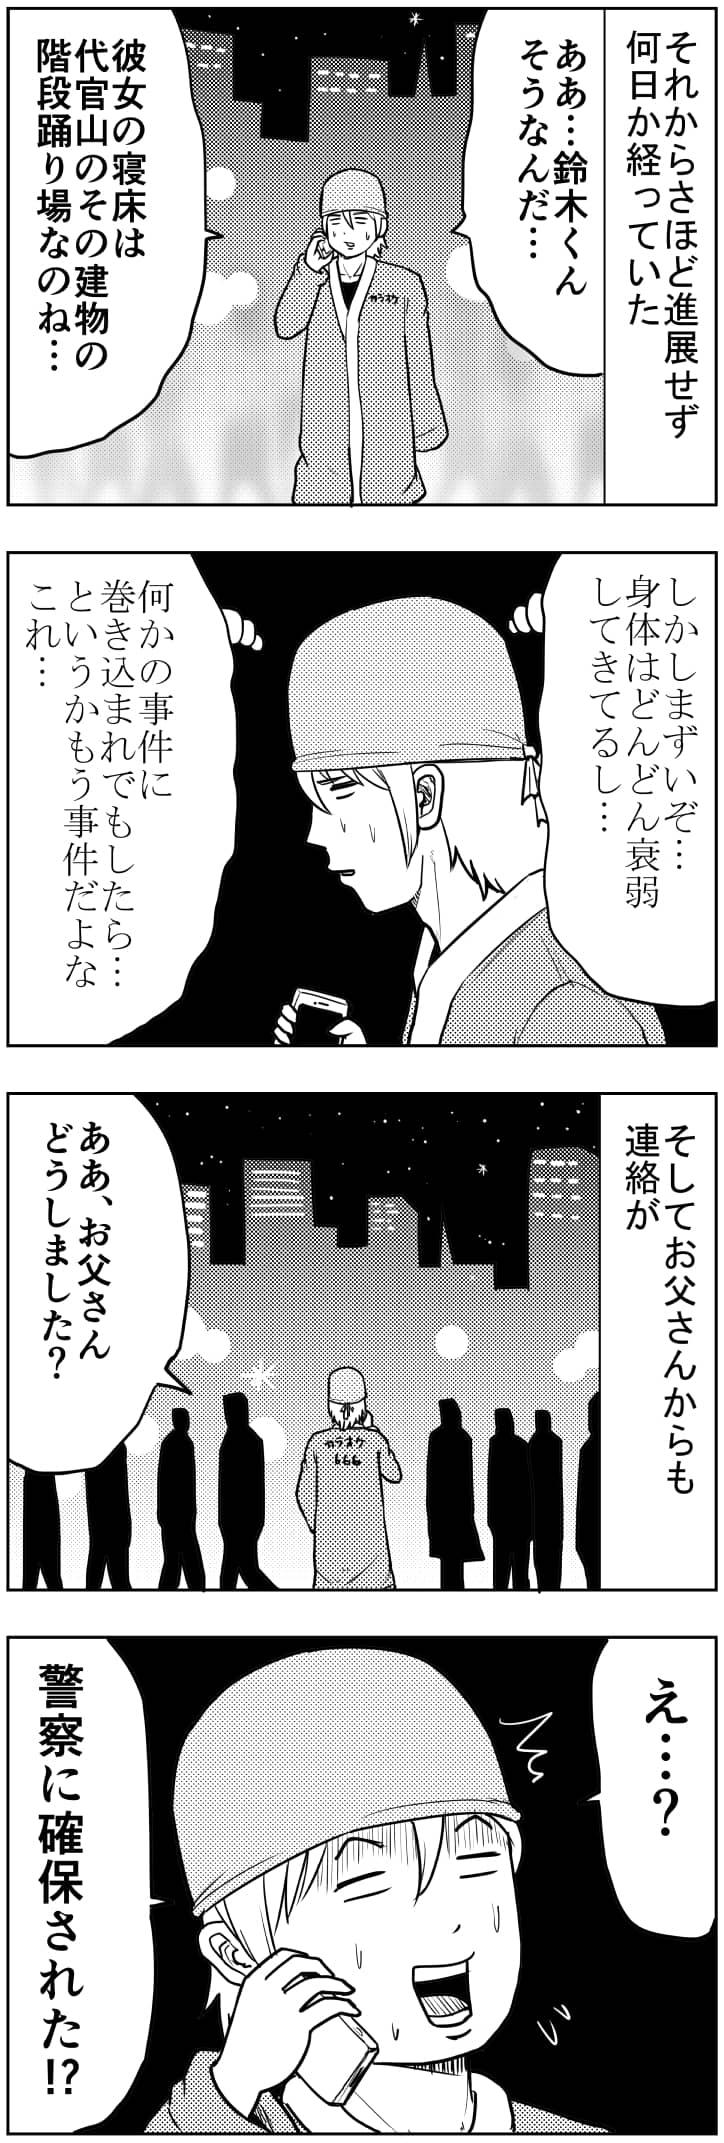 事件発生【漫画~キヒロの青春】91